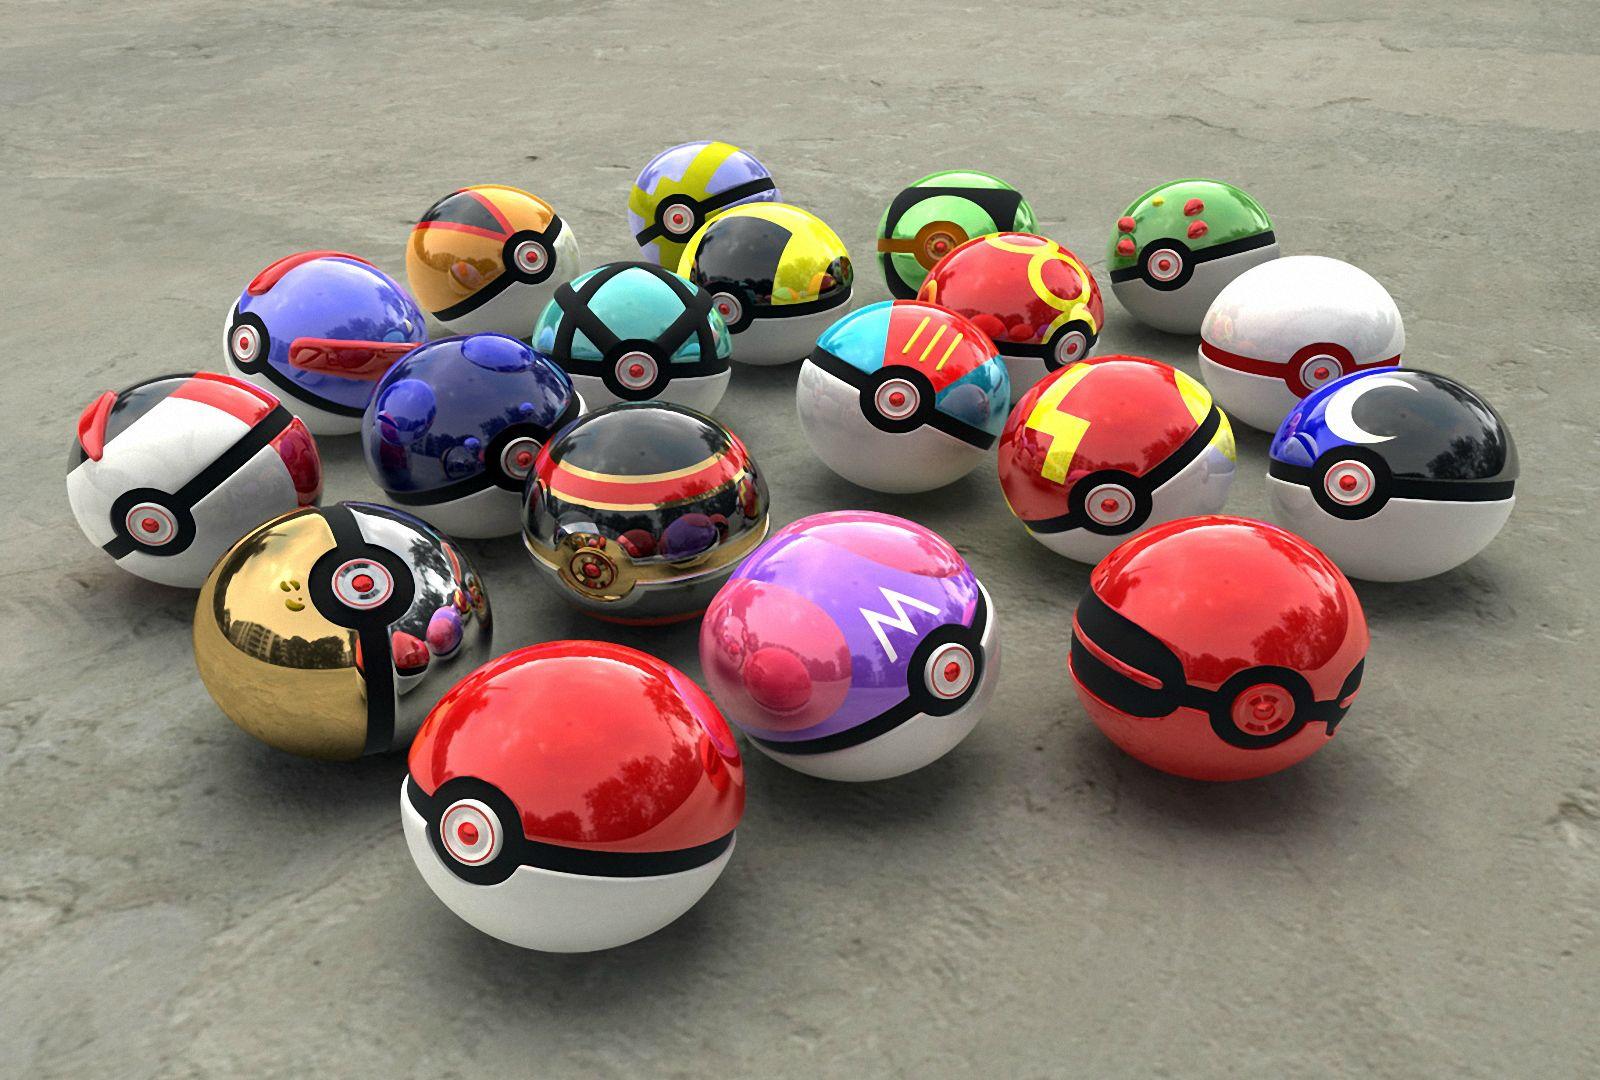 Pokémon GO: найти и поймать. Всех их!